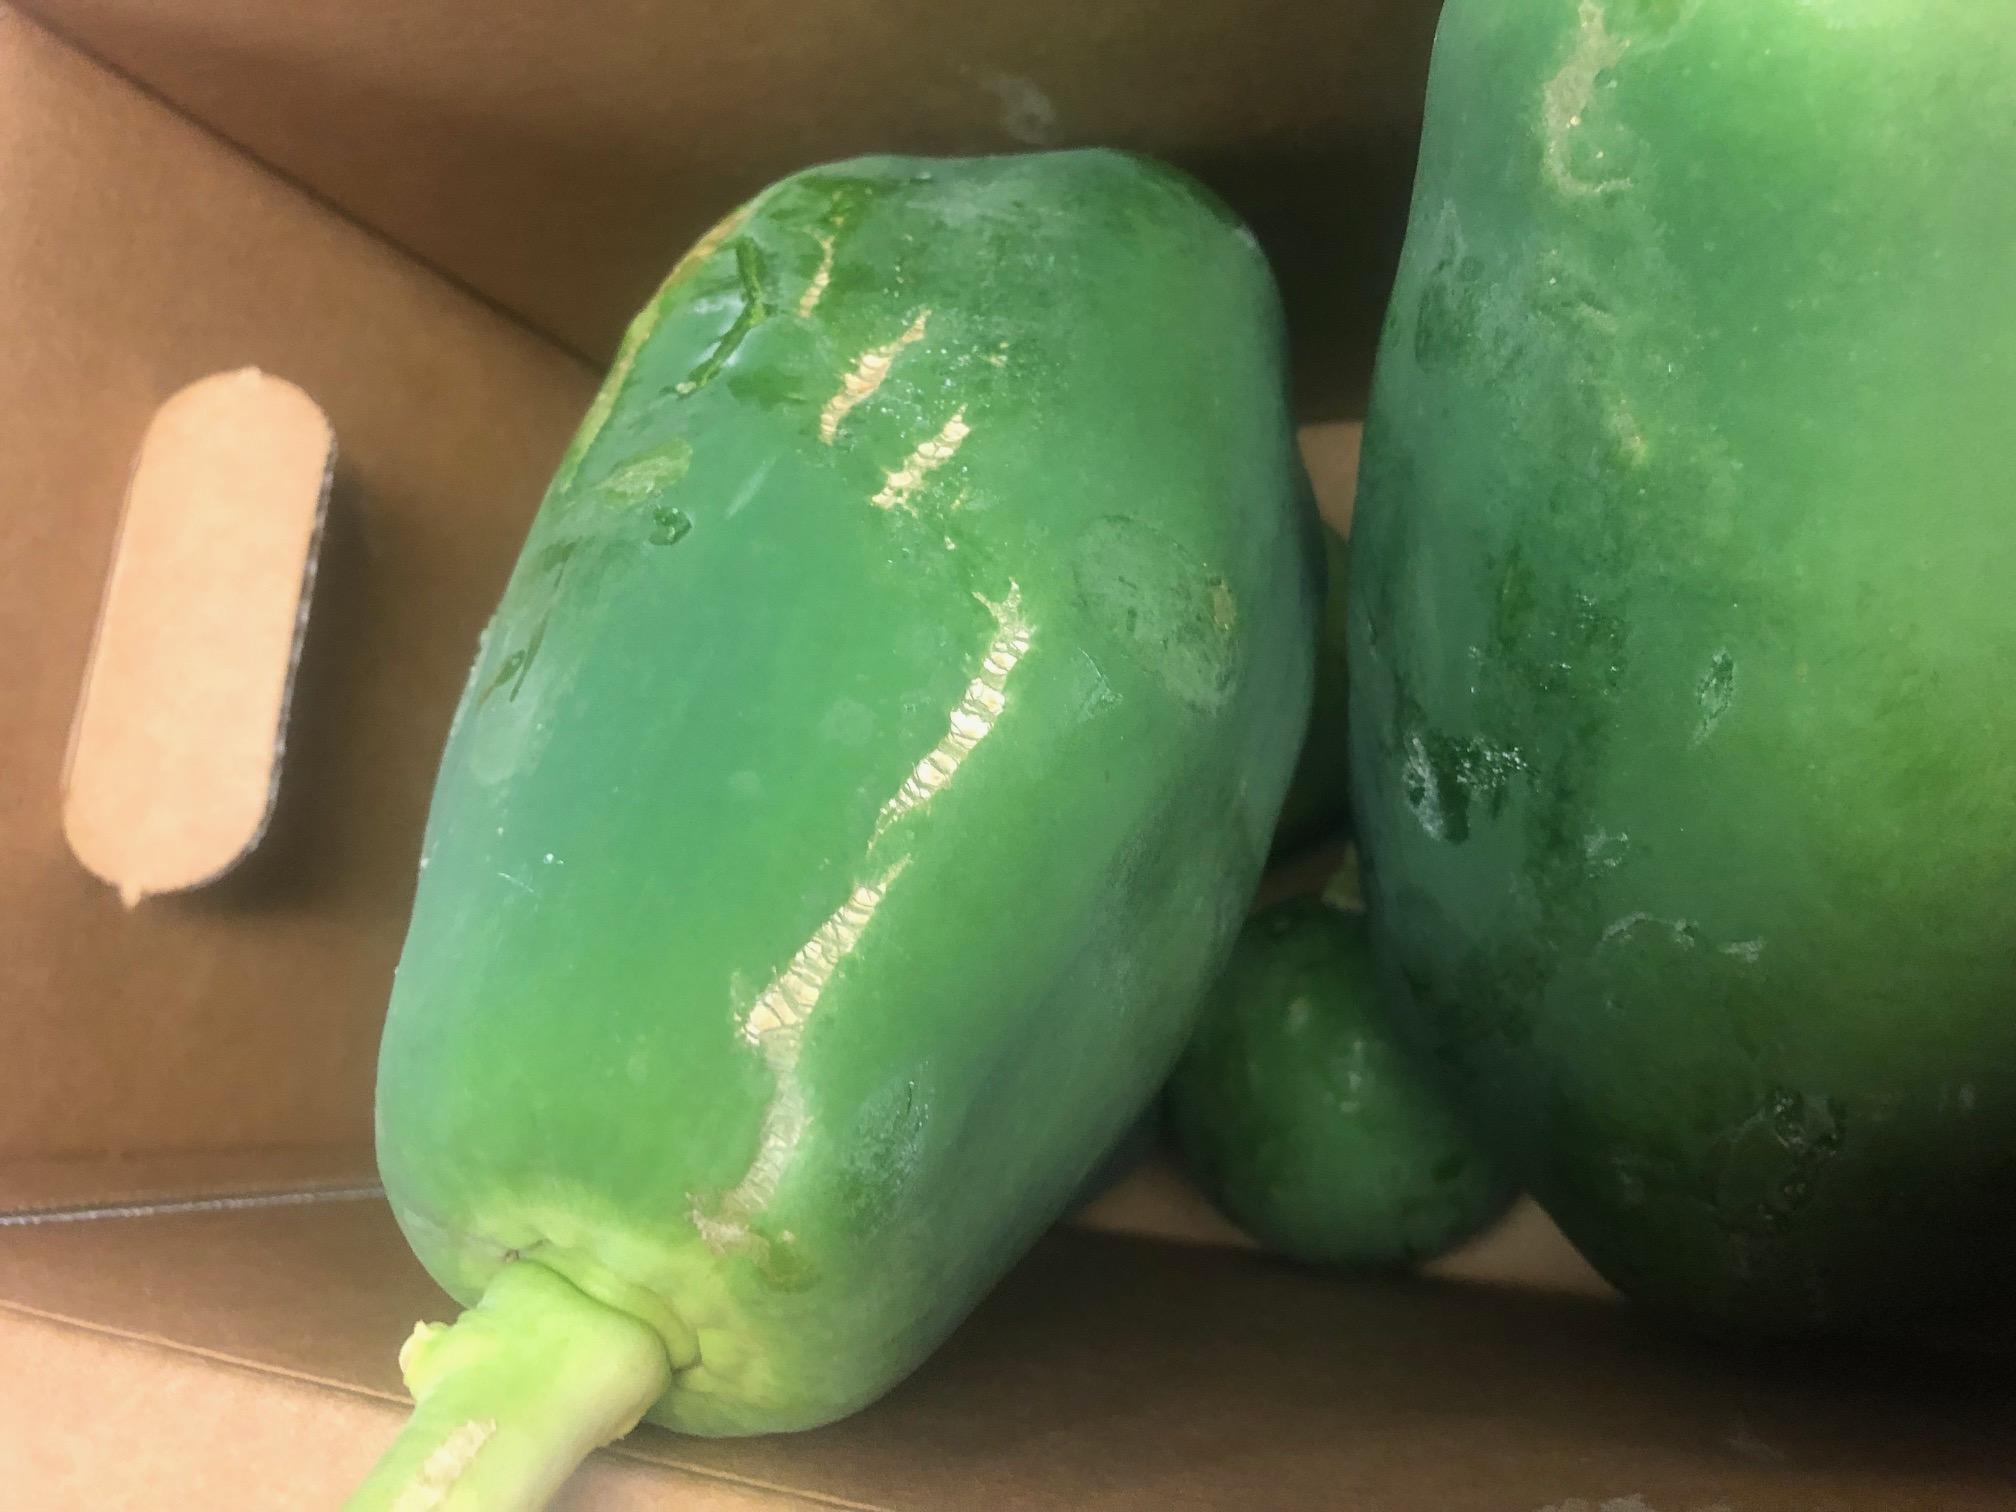 Local Green Papaya